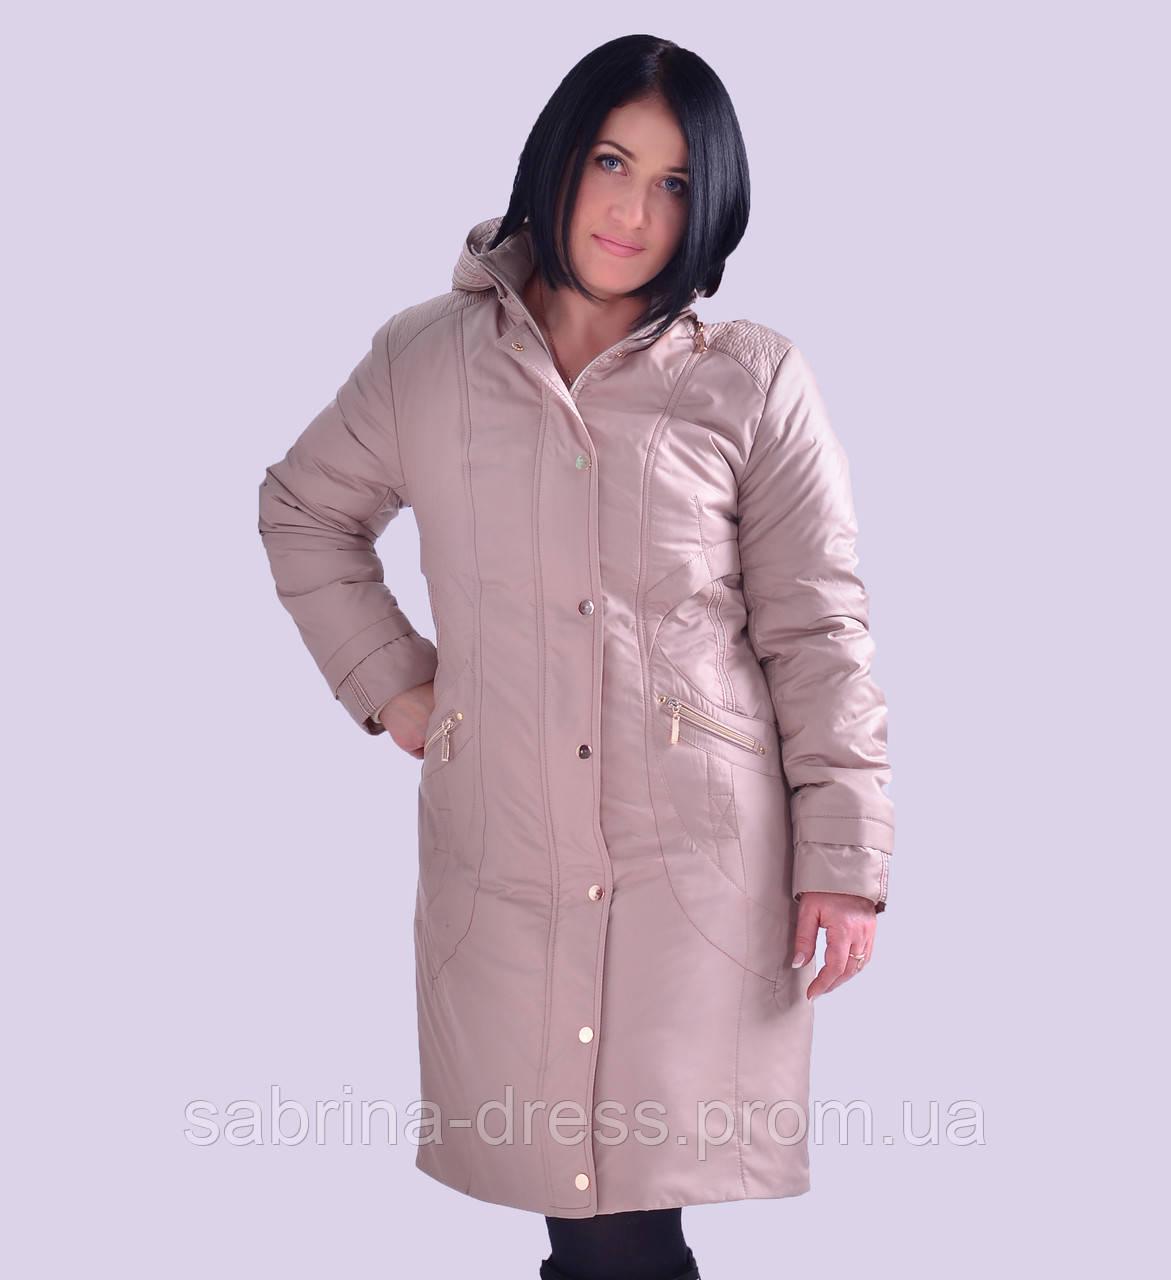 33dd1e07dd5 Женская демисезонная куртка. Модель 33. Размеры 48-60  продажа